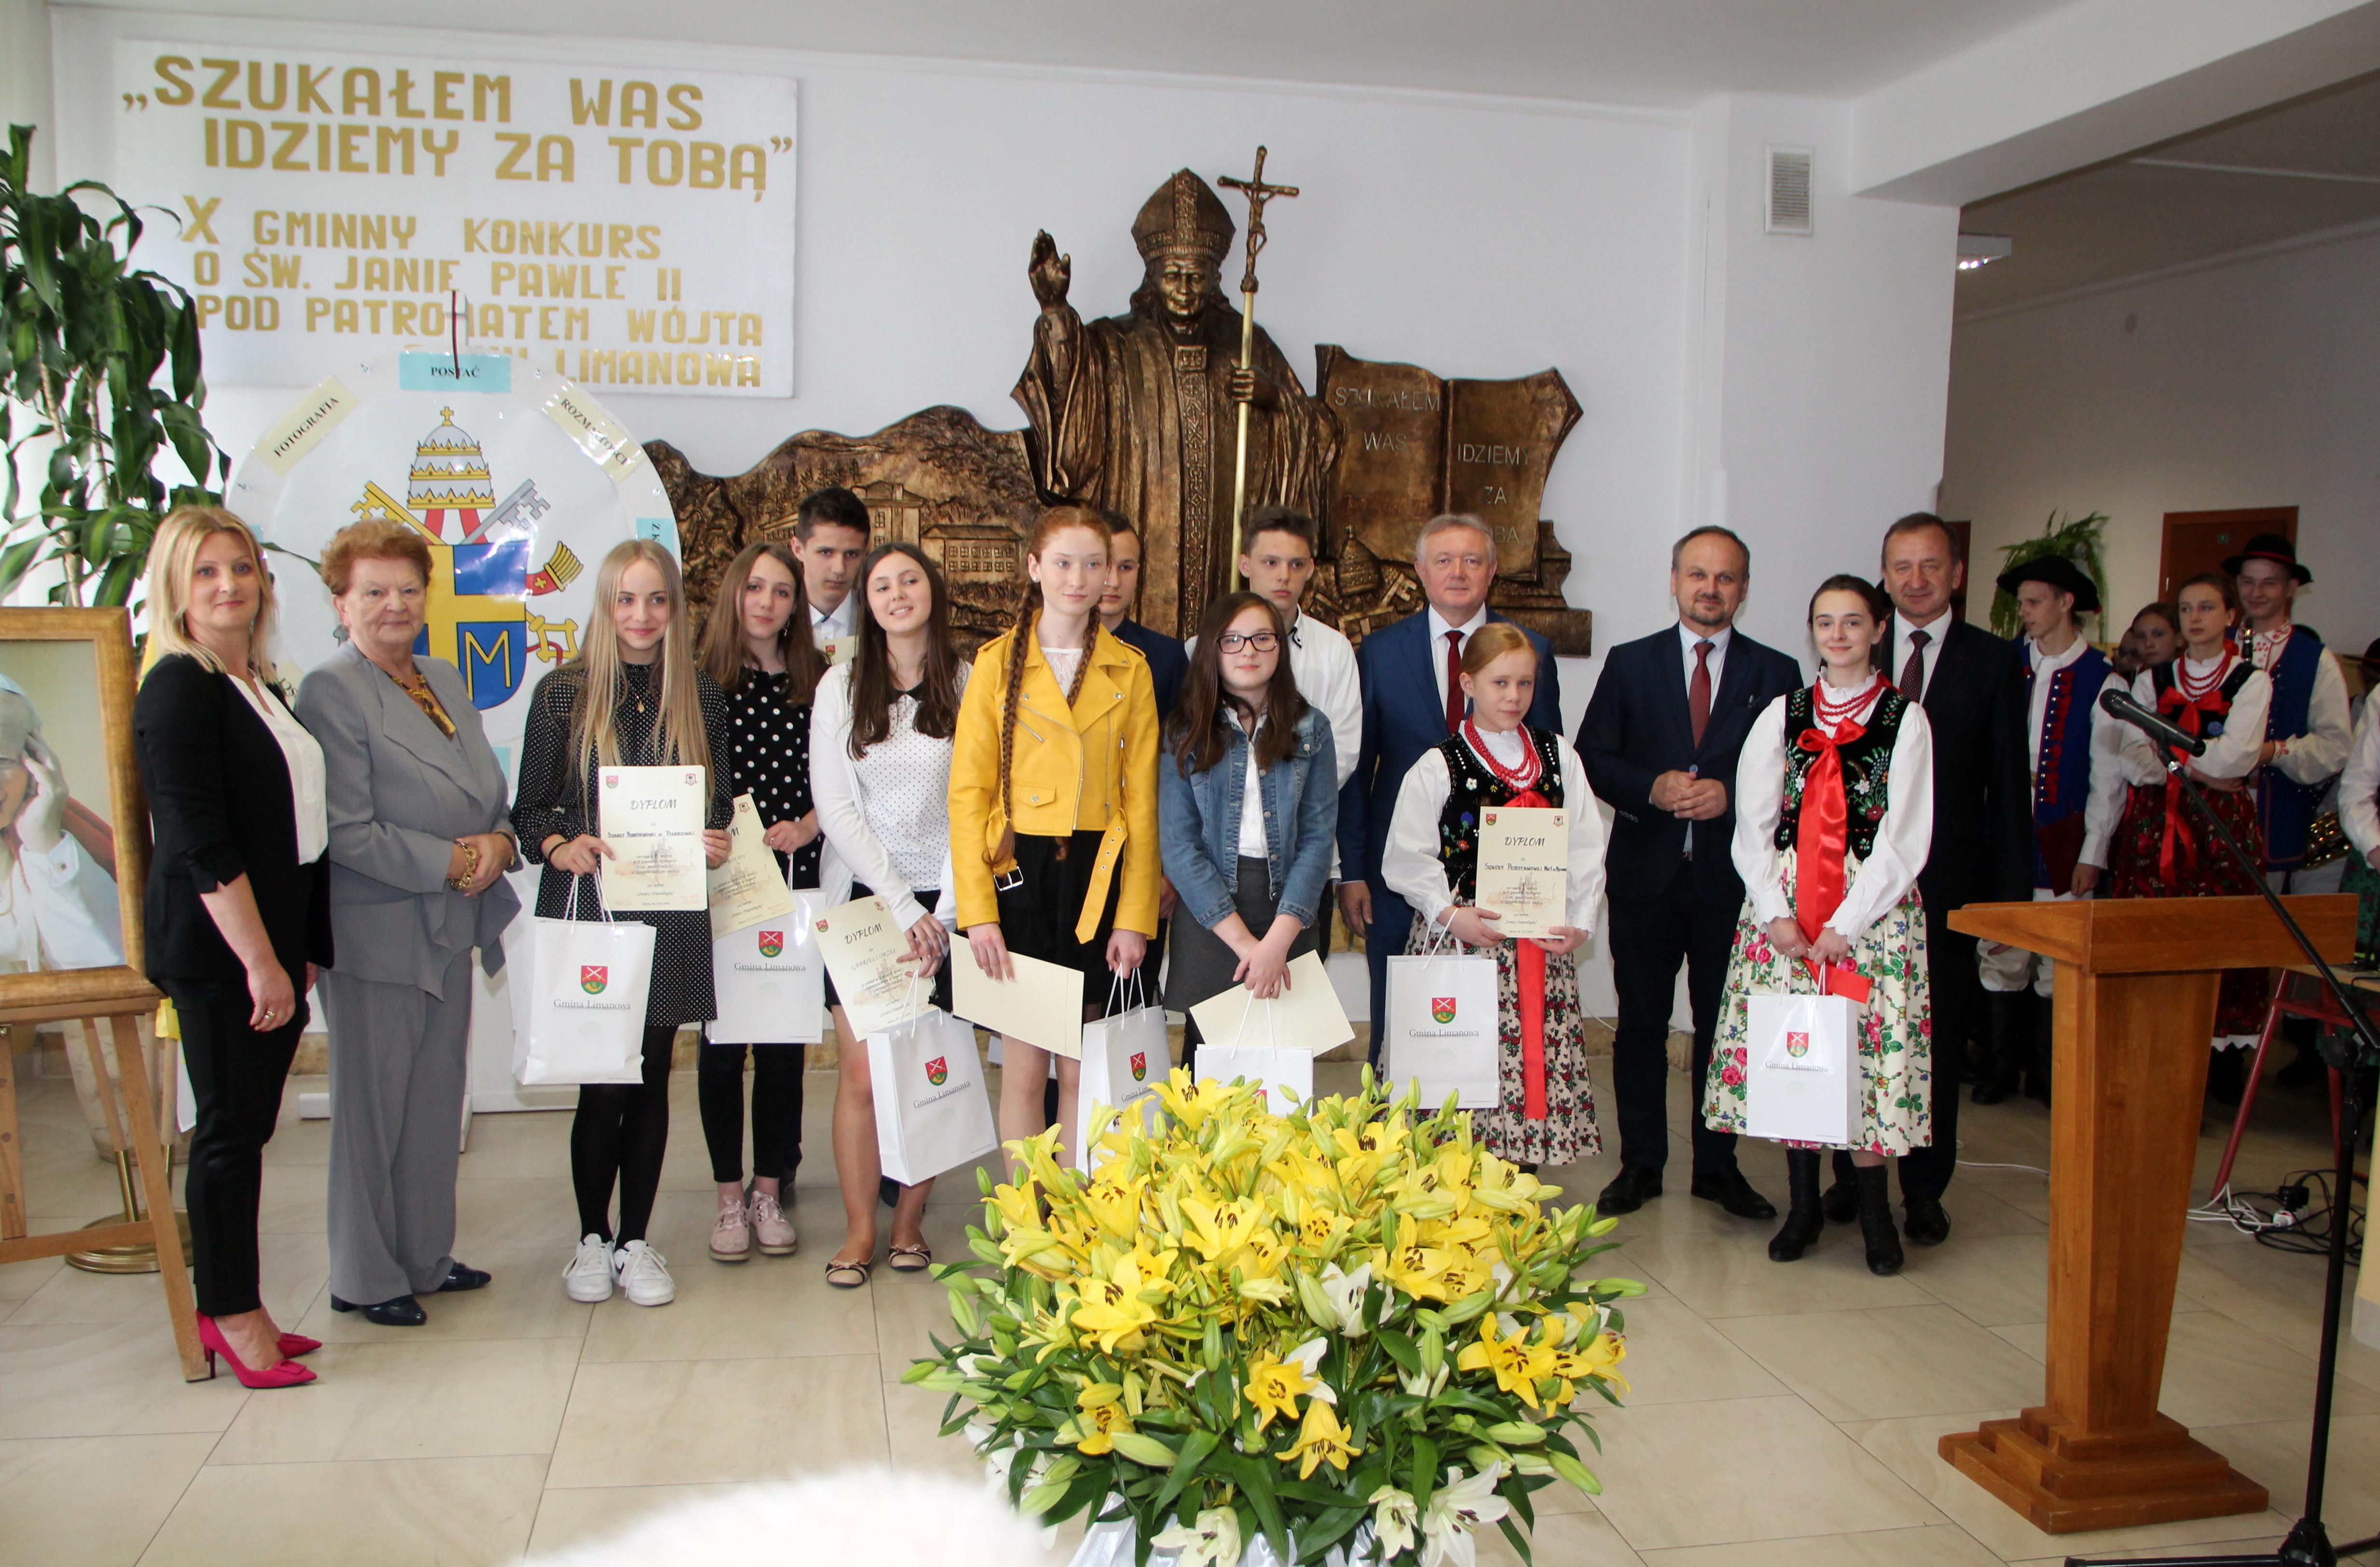 """X Jubileuszowy Konkurs Papieski """"Święty Niepodległej"""" - zdjęcie główne"""